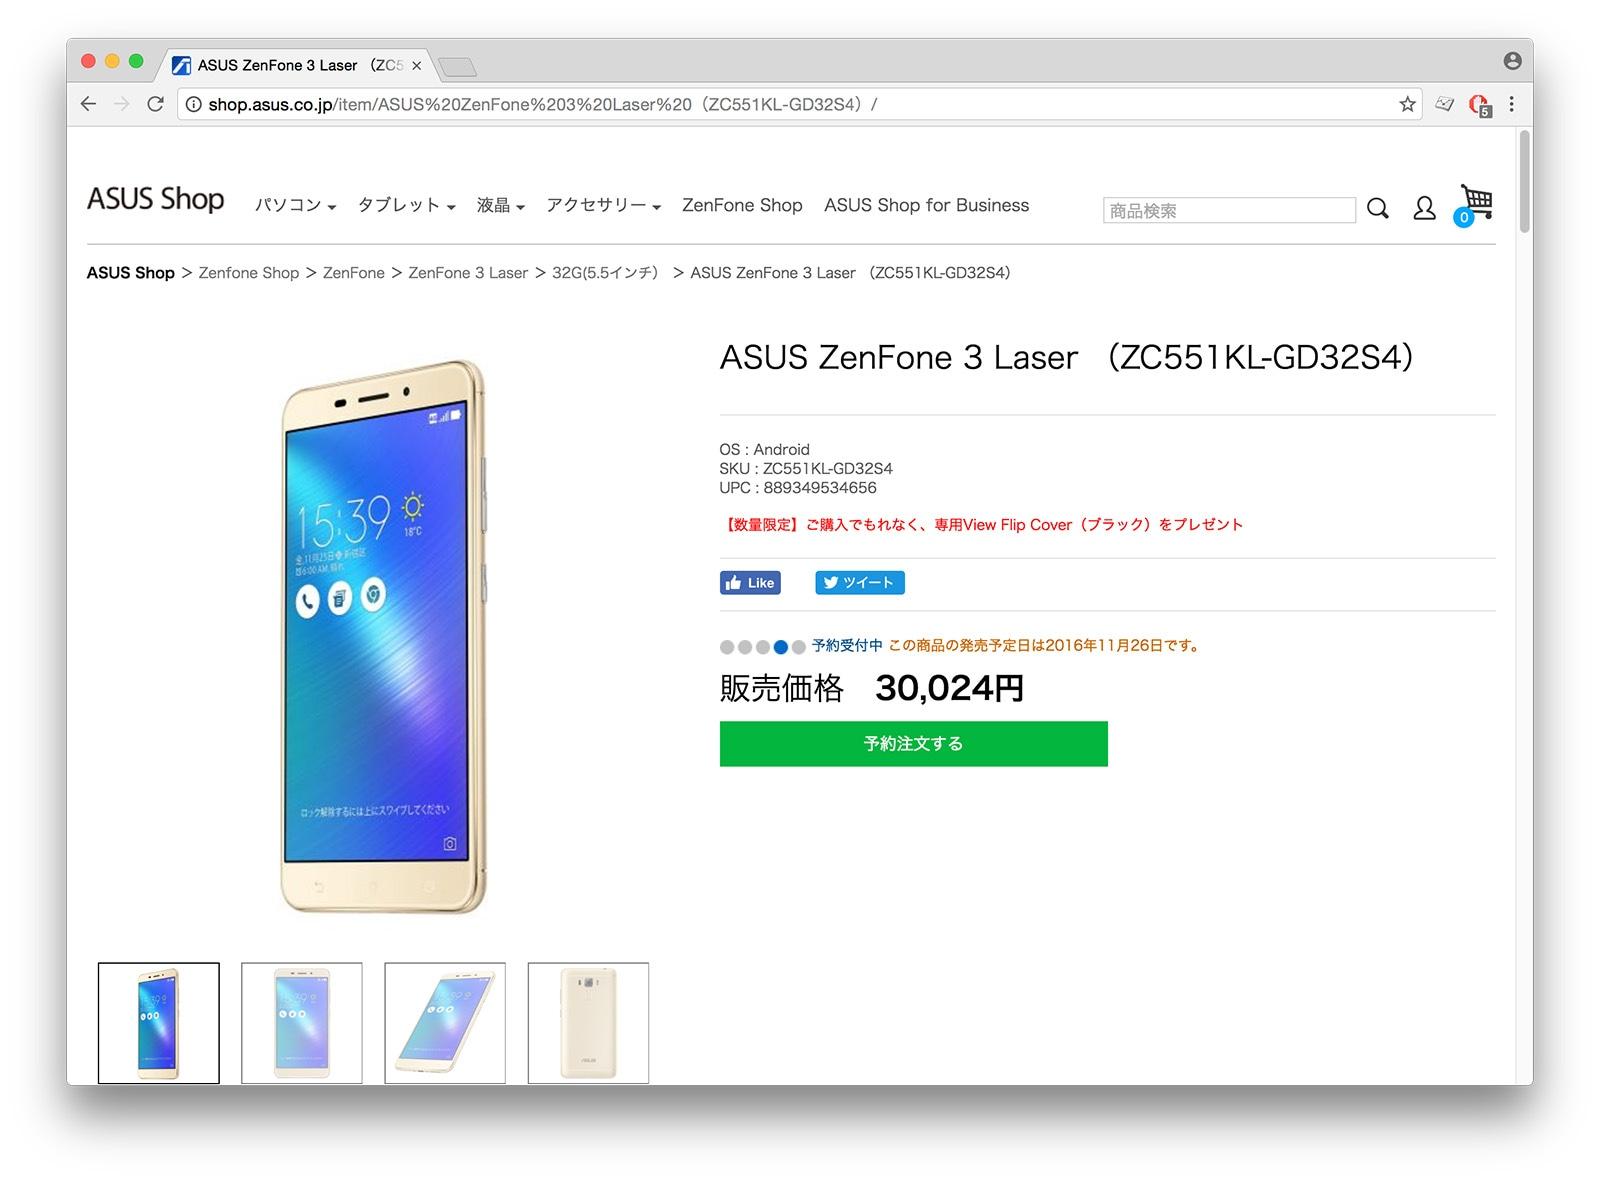 ASUS ZenFone 3 Laser 販売ページ